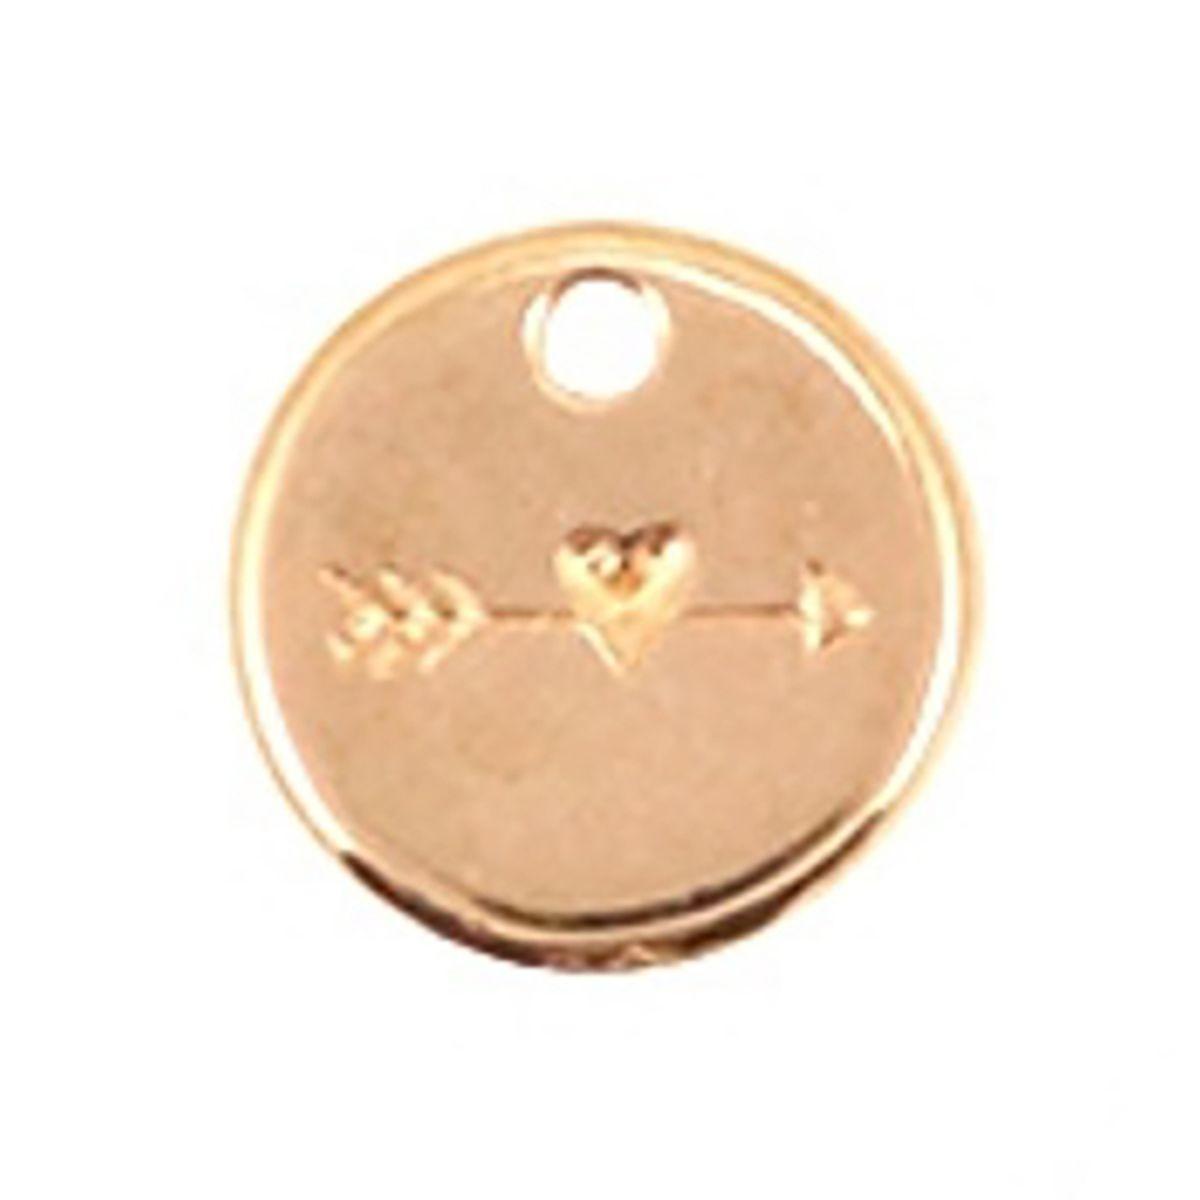 Schmuckanhänger Herz - 1 Stück - Ø 12 mm